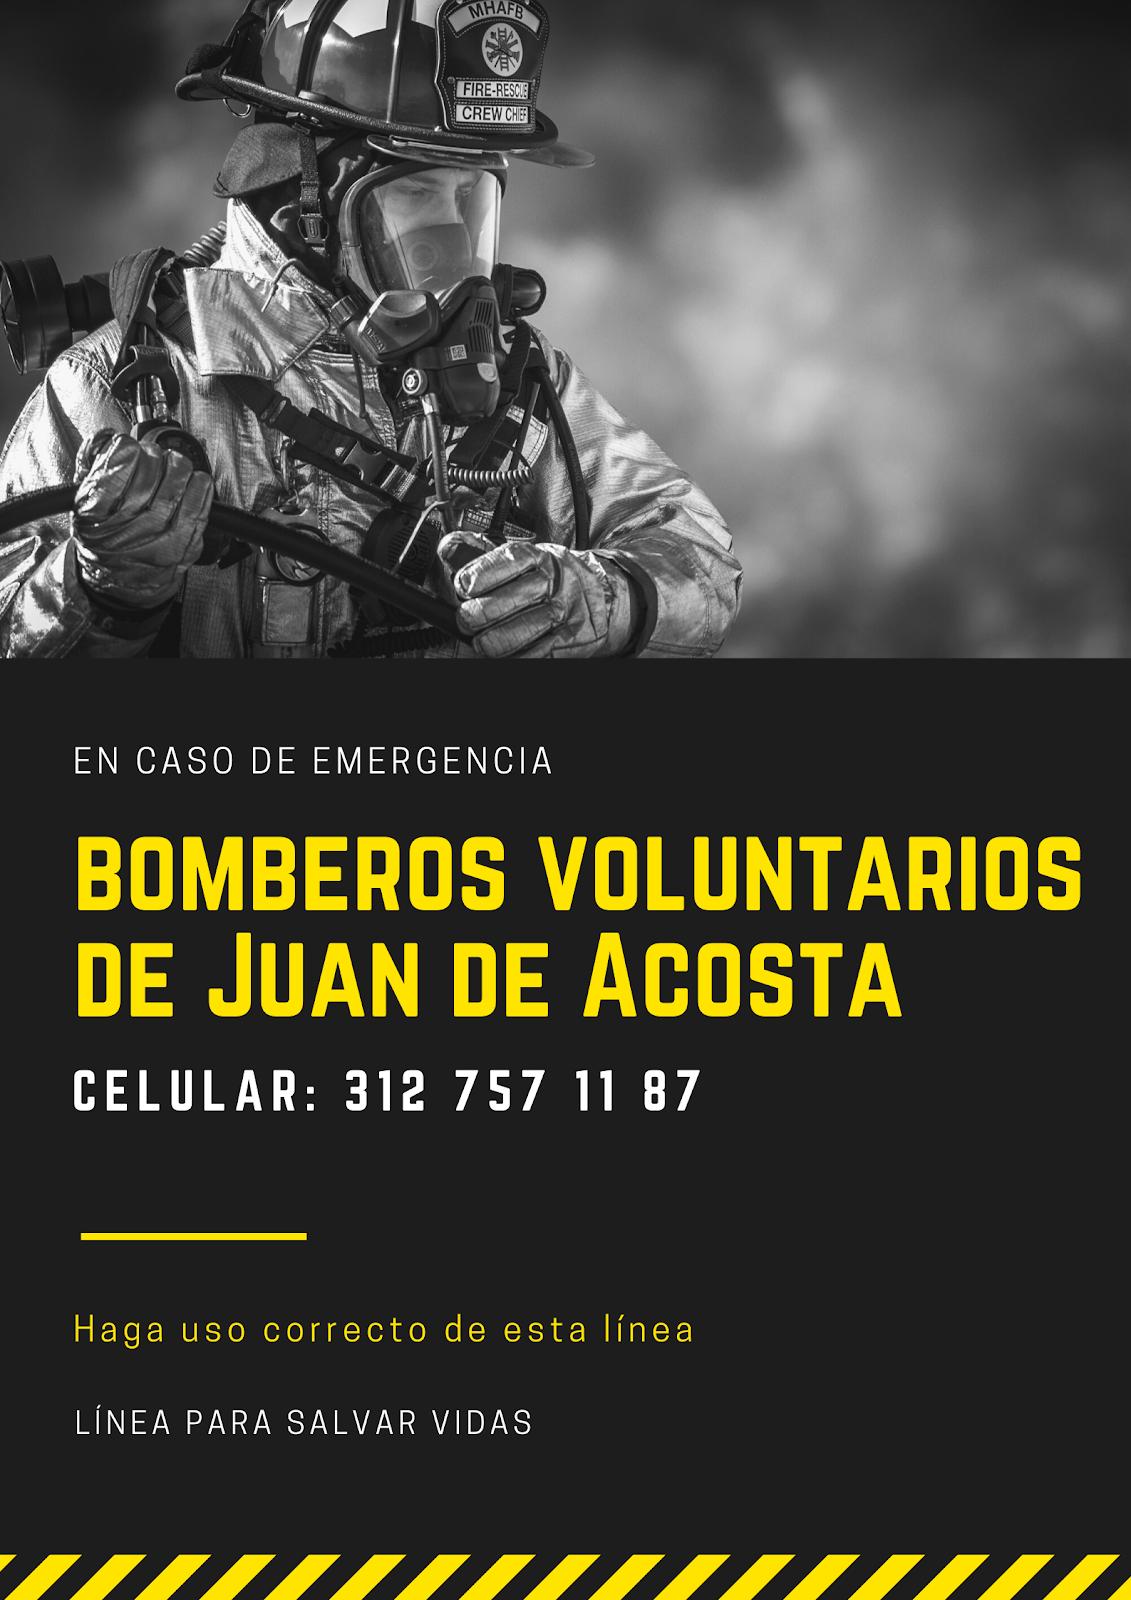 Bomberos de Juan de Acosta